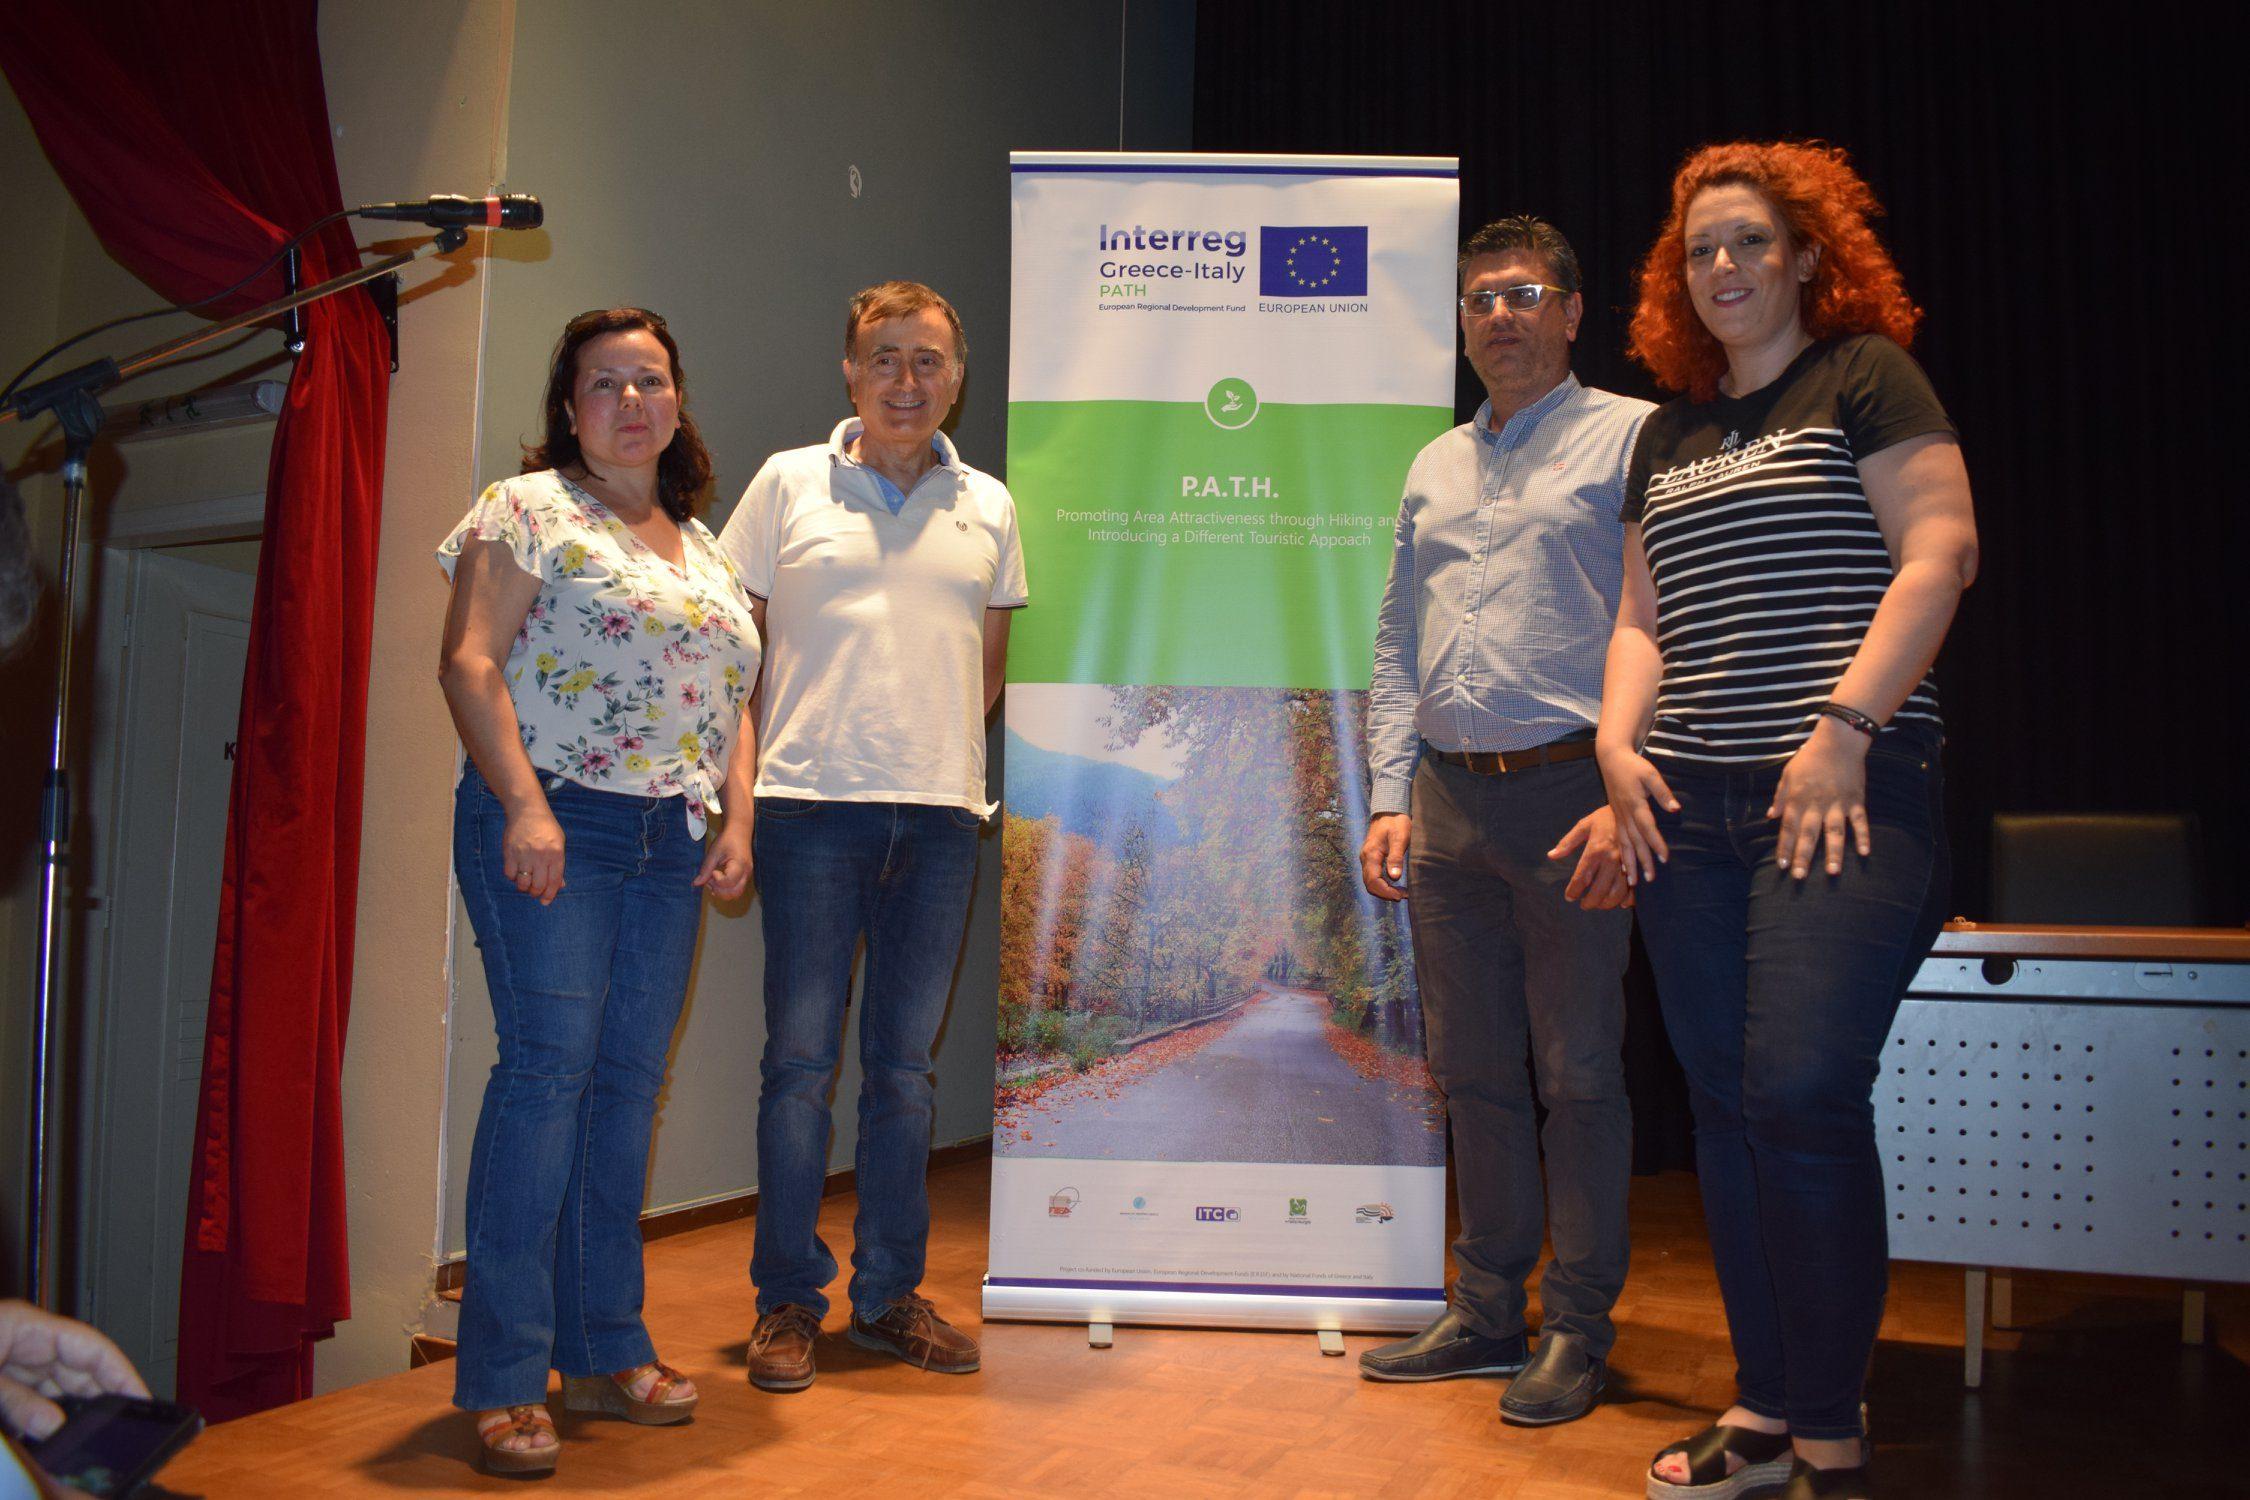 Δήμος Ανδραβίδας-Κυλλήνης: Τουριστική Ανάπτυξη και Προβολή μέσω της δημιουργίας Θεματικών Διαδρομών (photos)